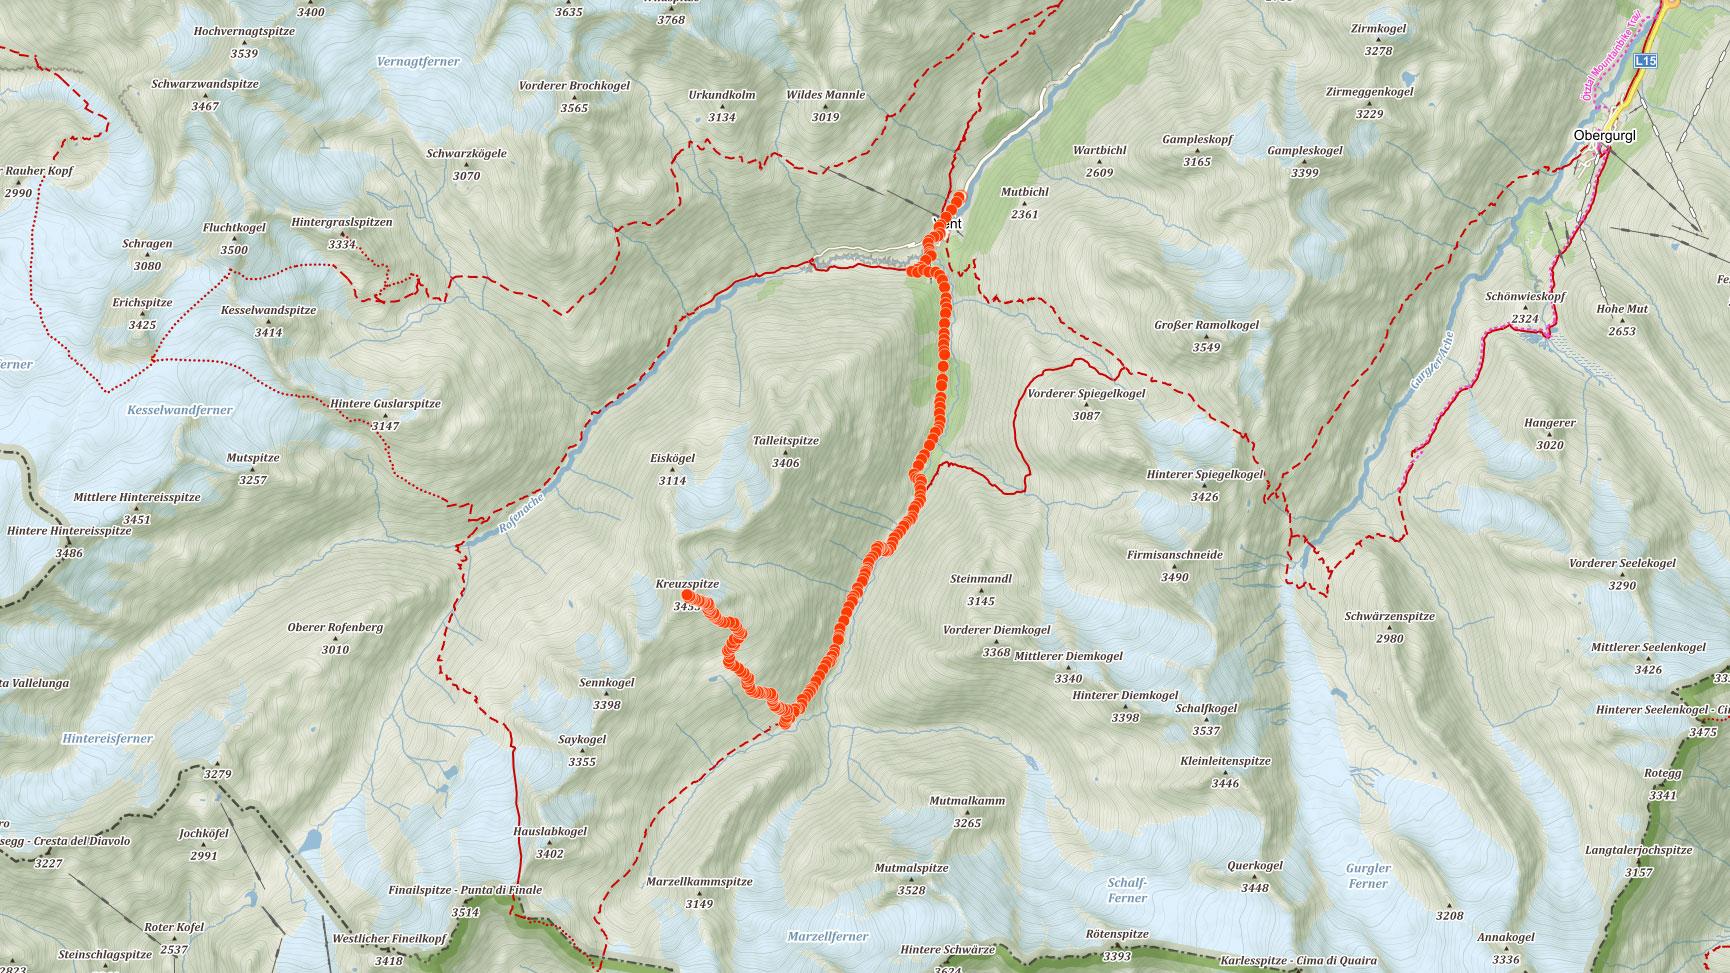 Trasa výstupu na Kreuzspitze v rakouských Alpách